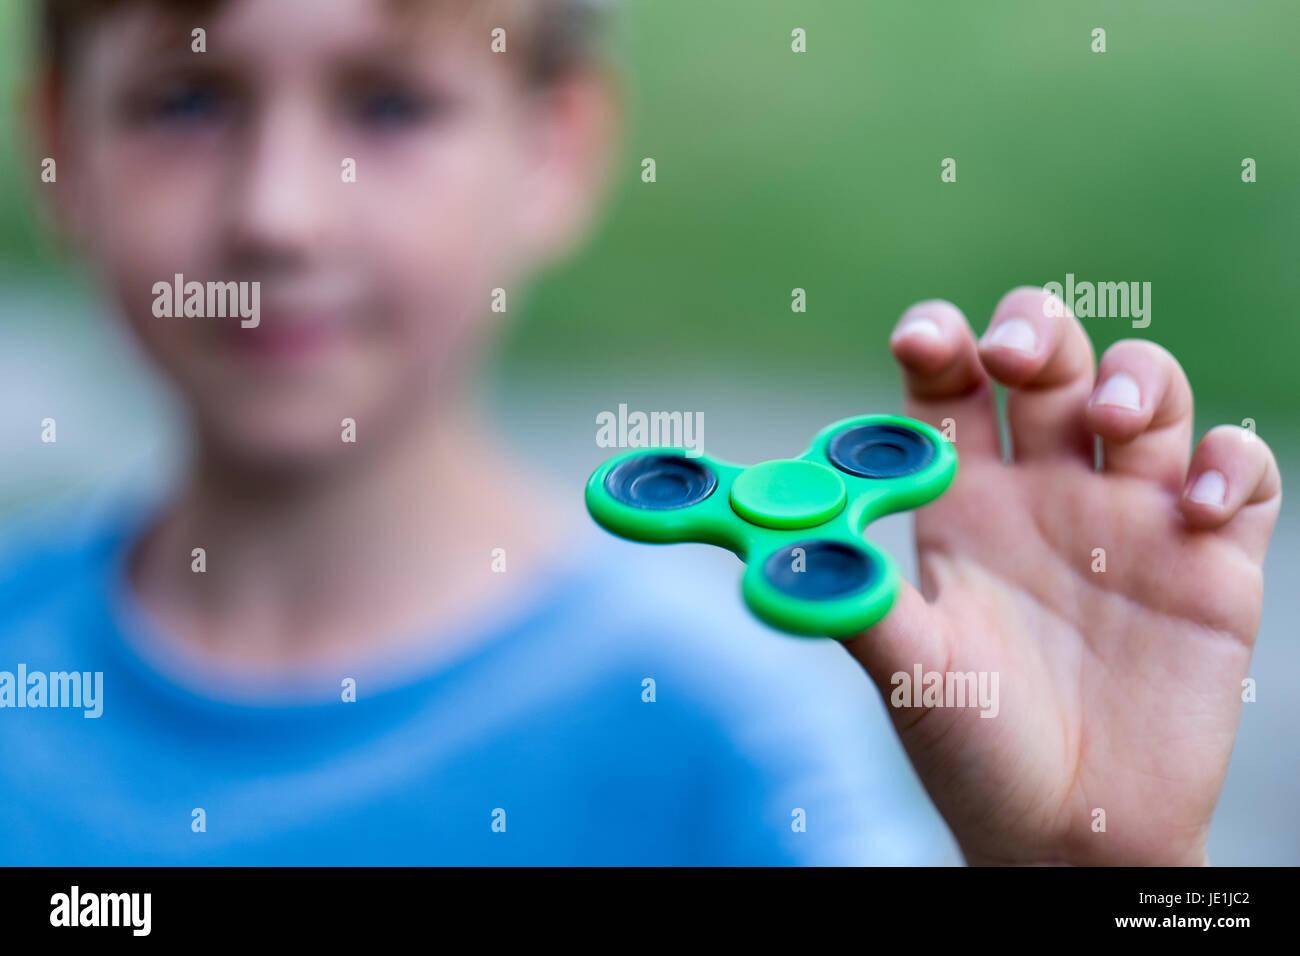 Fidget spinner - Stock Image